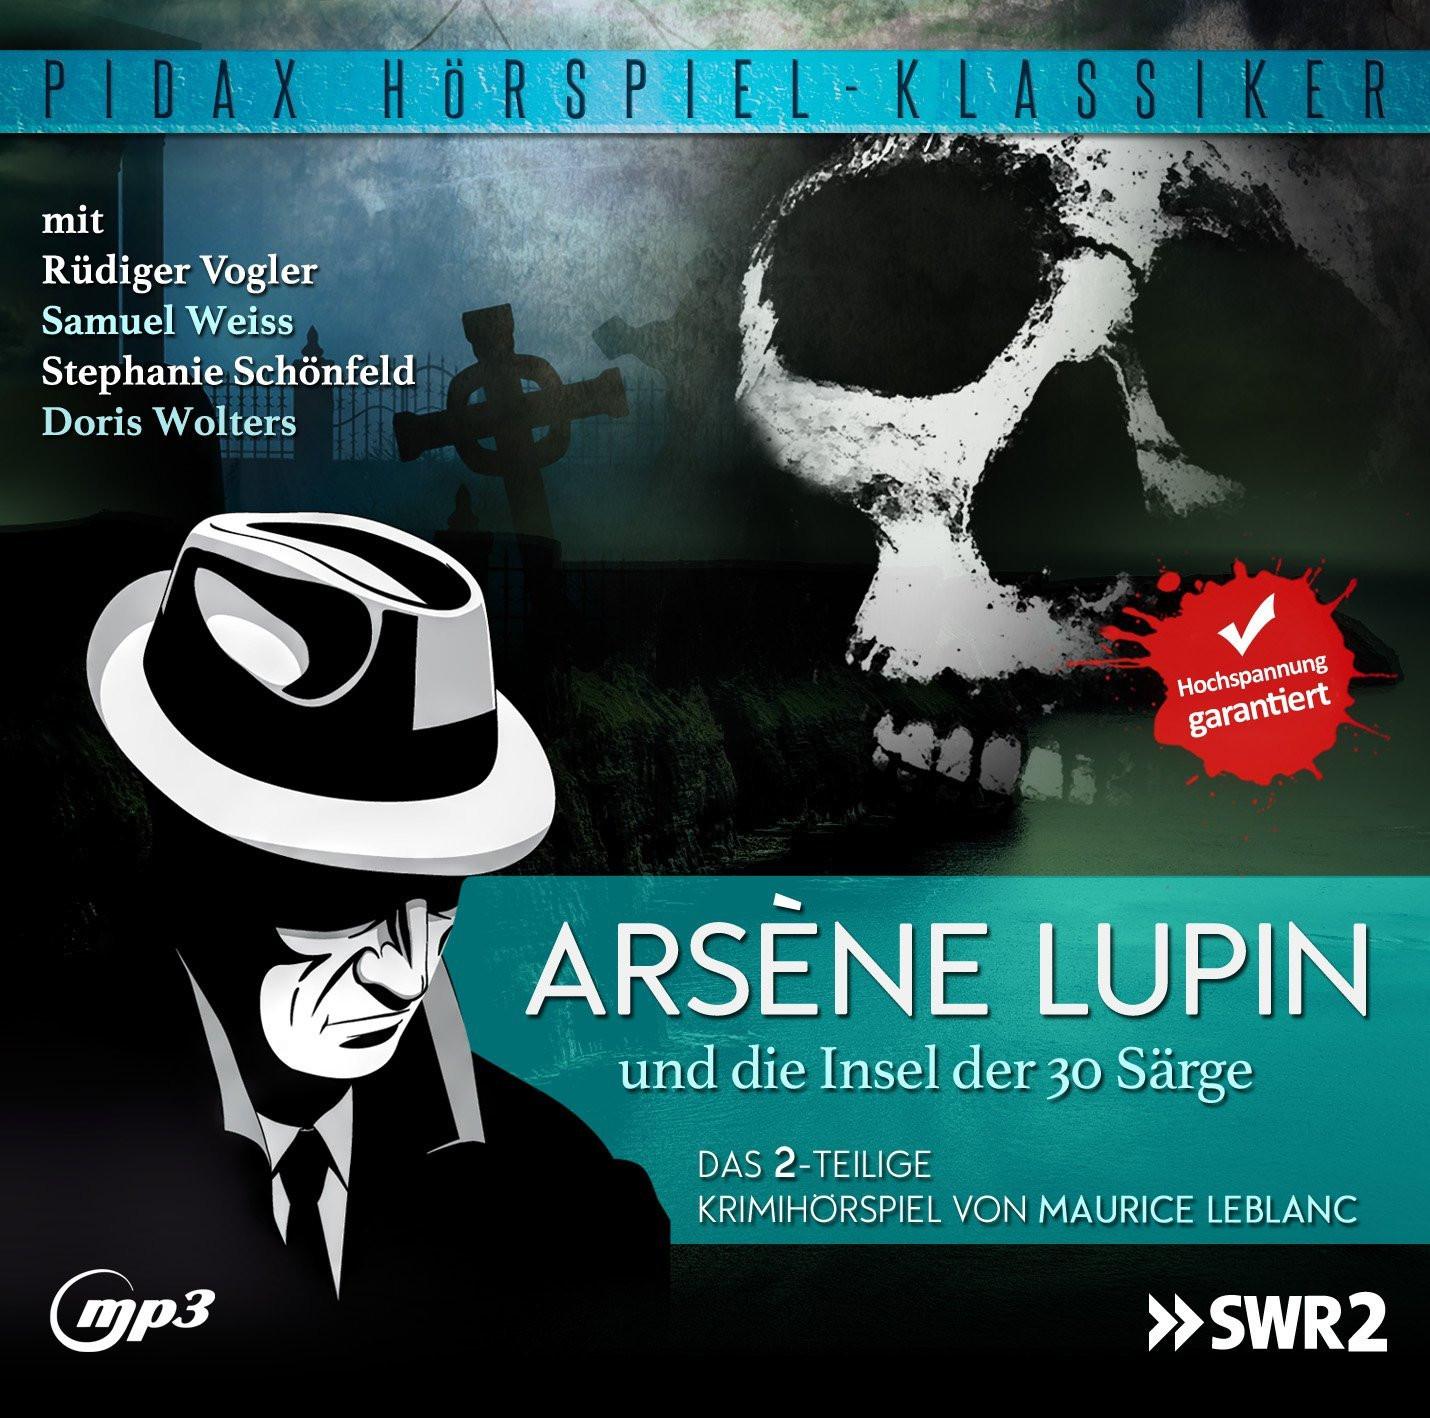 Pidax Hörspiel Klassiker - Arsène Lupin und die Insel der 30 Sär